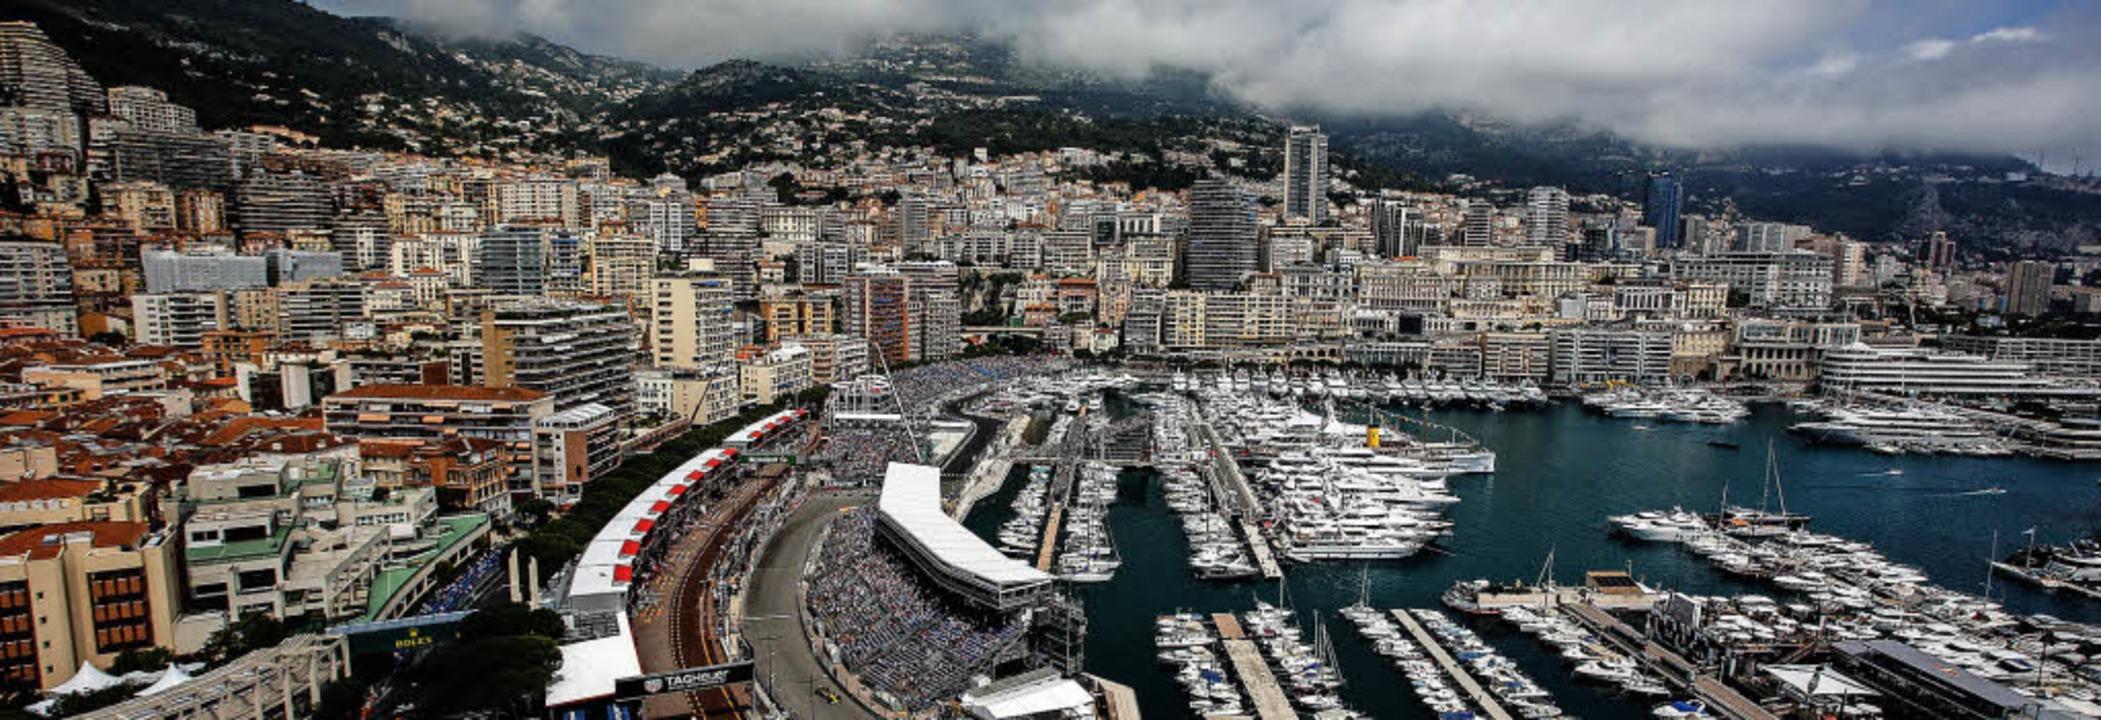 Wo die Reichen  Formel-1-Duft schnuppern: der Hafen von Monte Carlo  | Foto: dpa